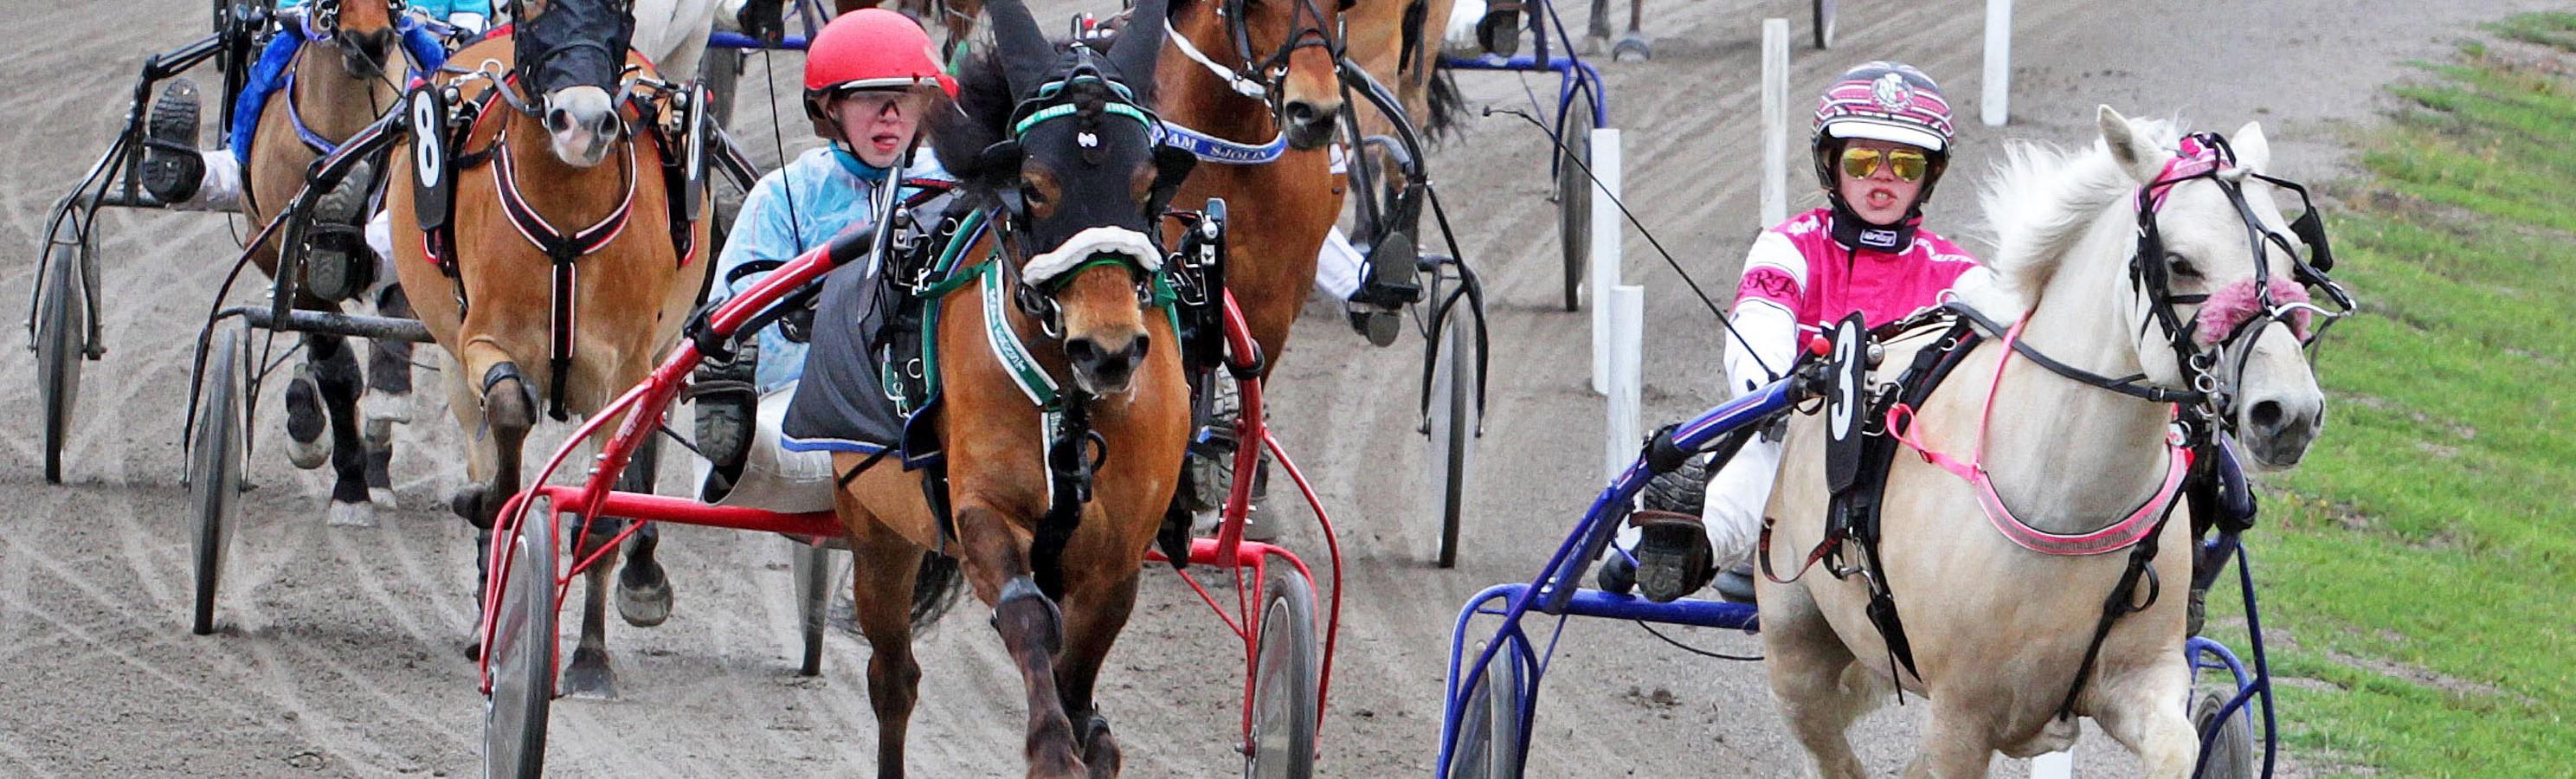 Ponnytravtävling utan häst